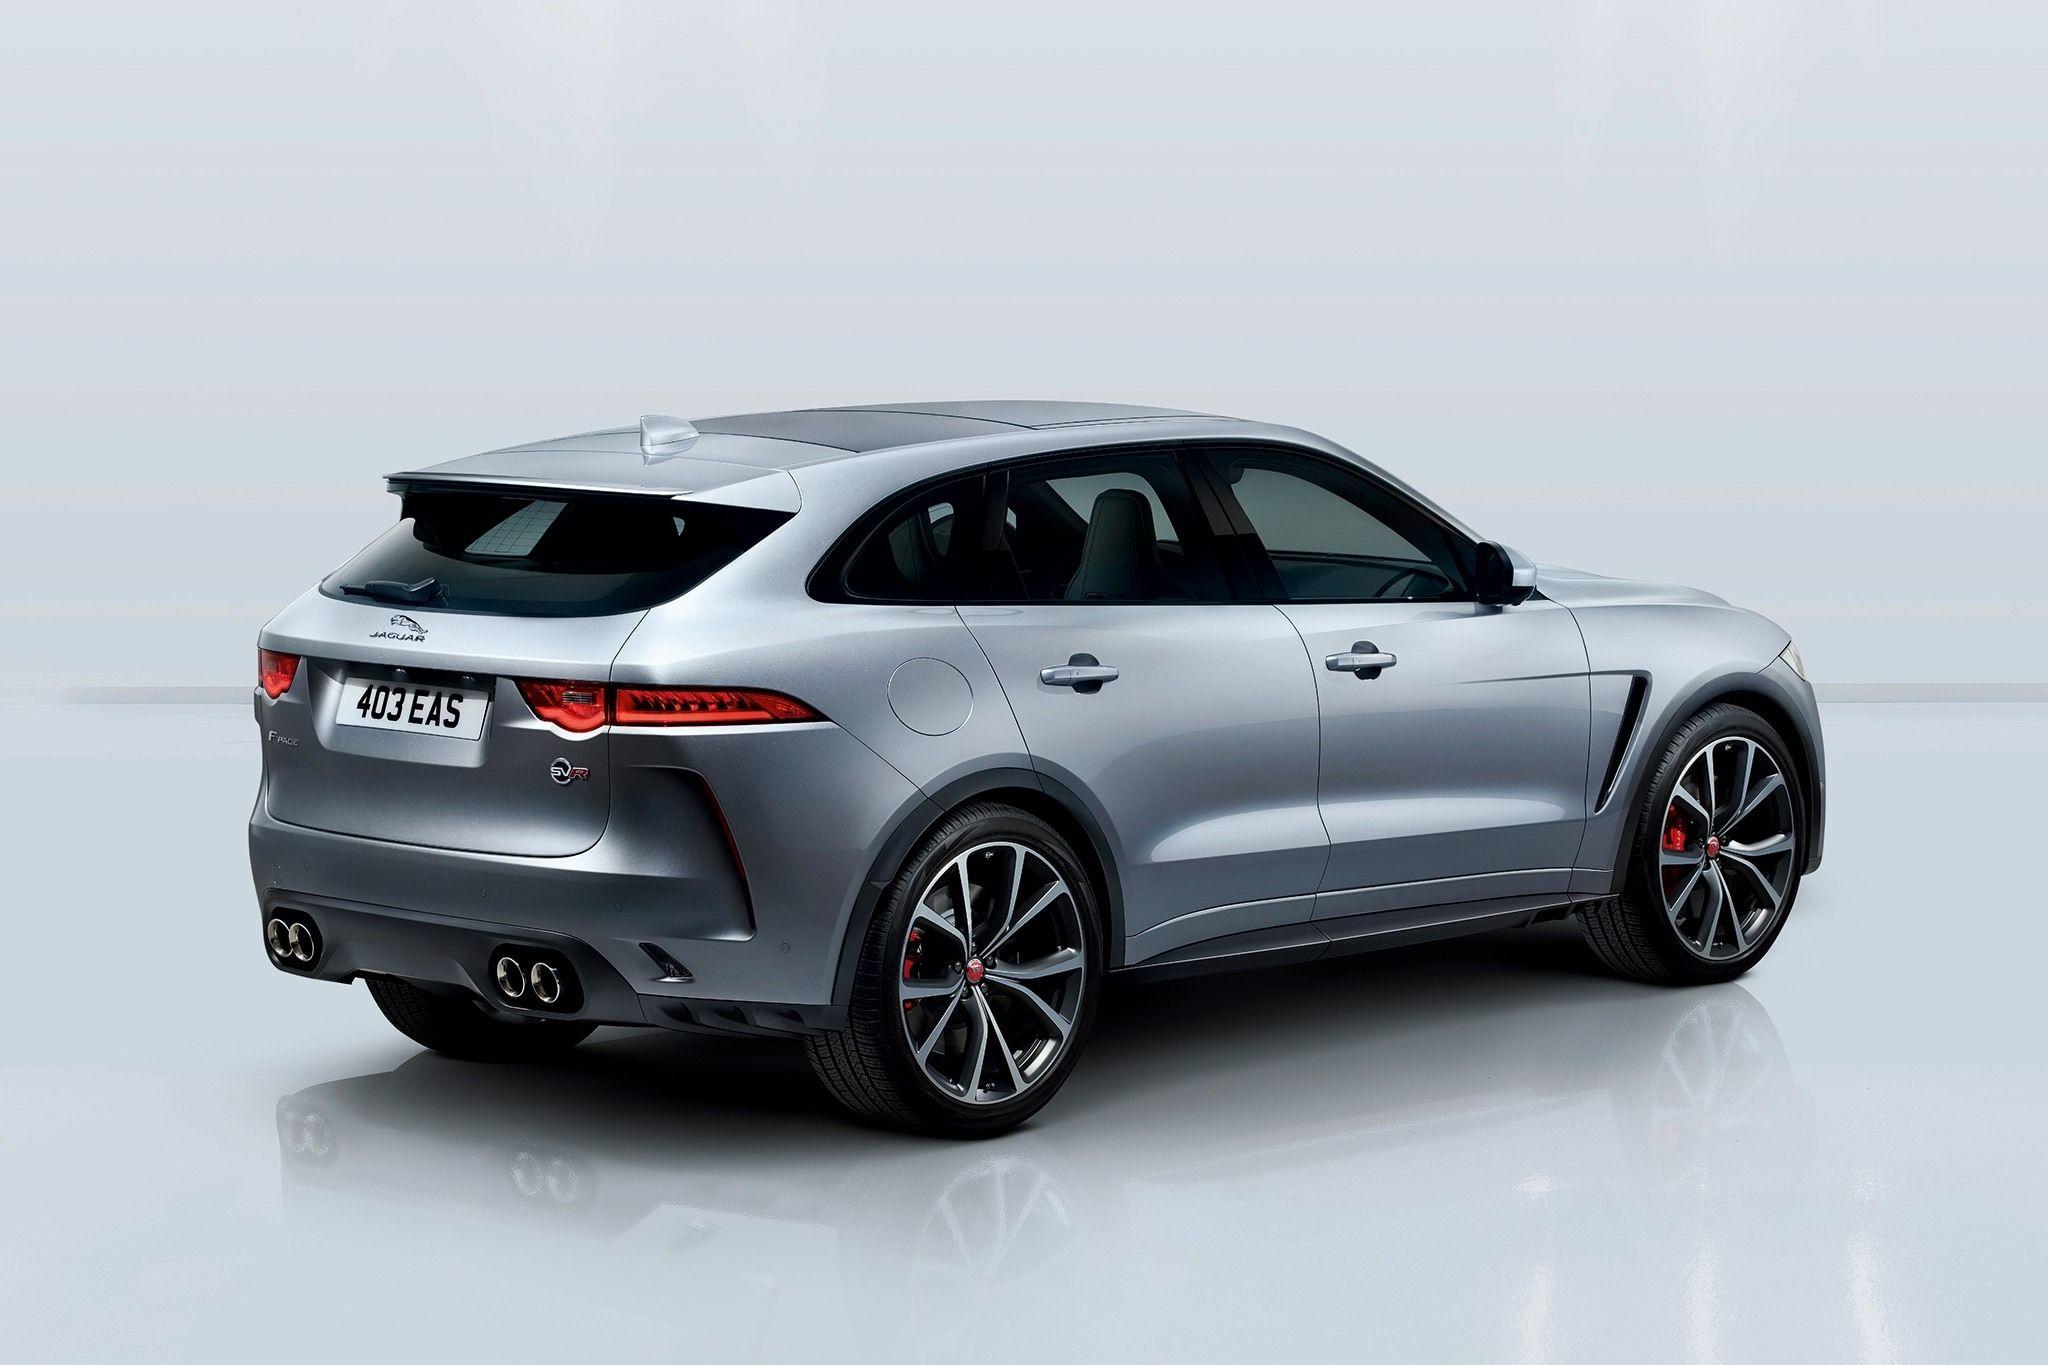 2019 Jaguar X Type Overview And Price Car Review 2018 Jaguar Suv Jaguar Pace Jaguar